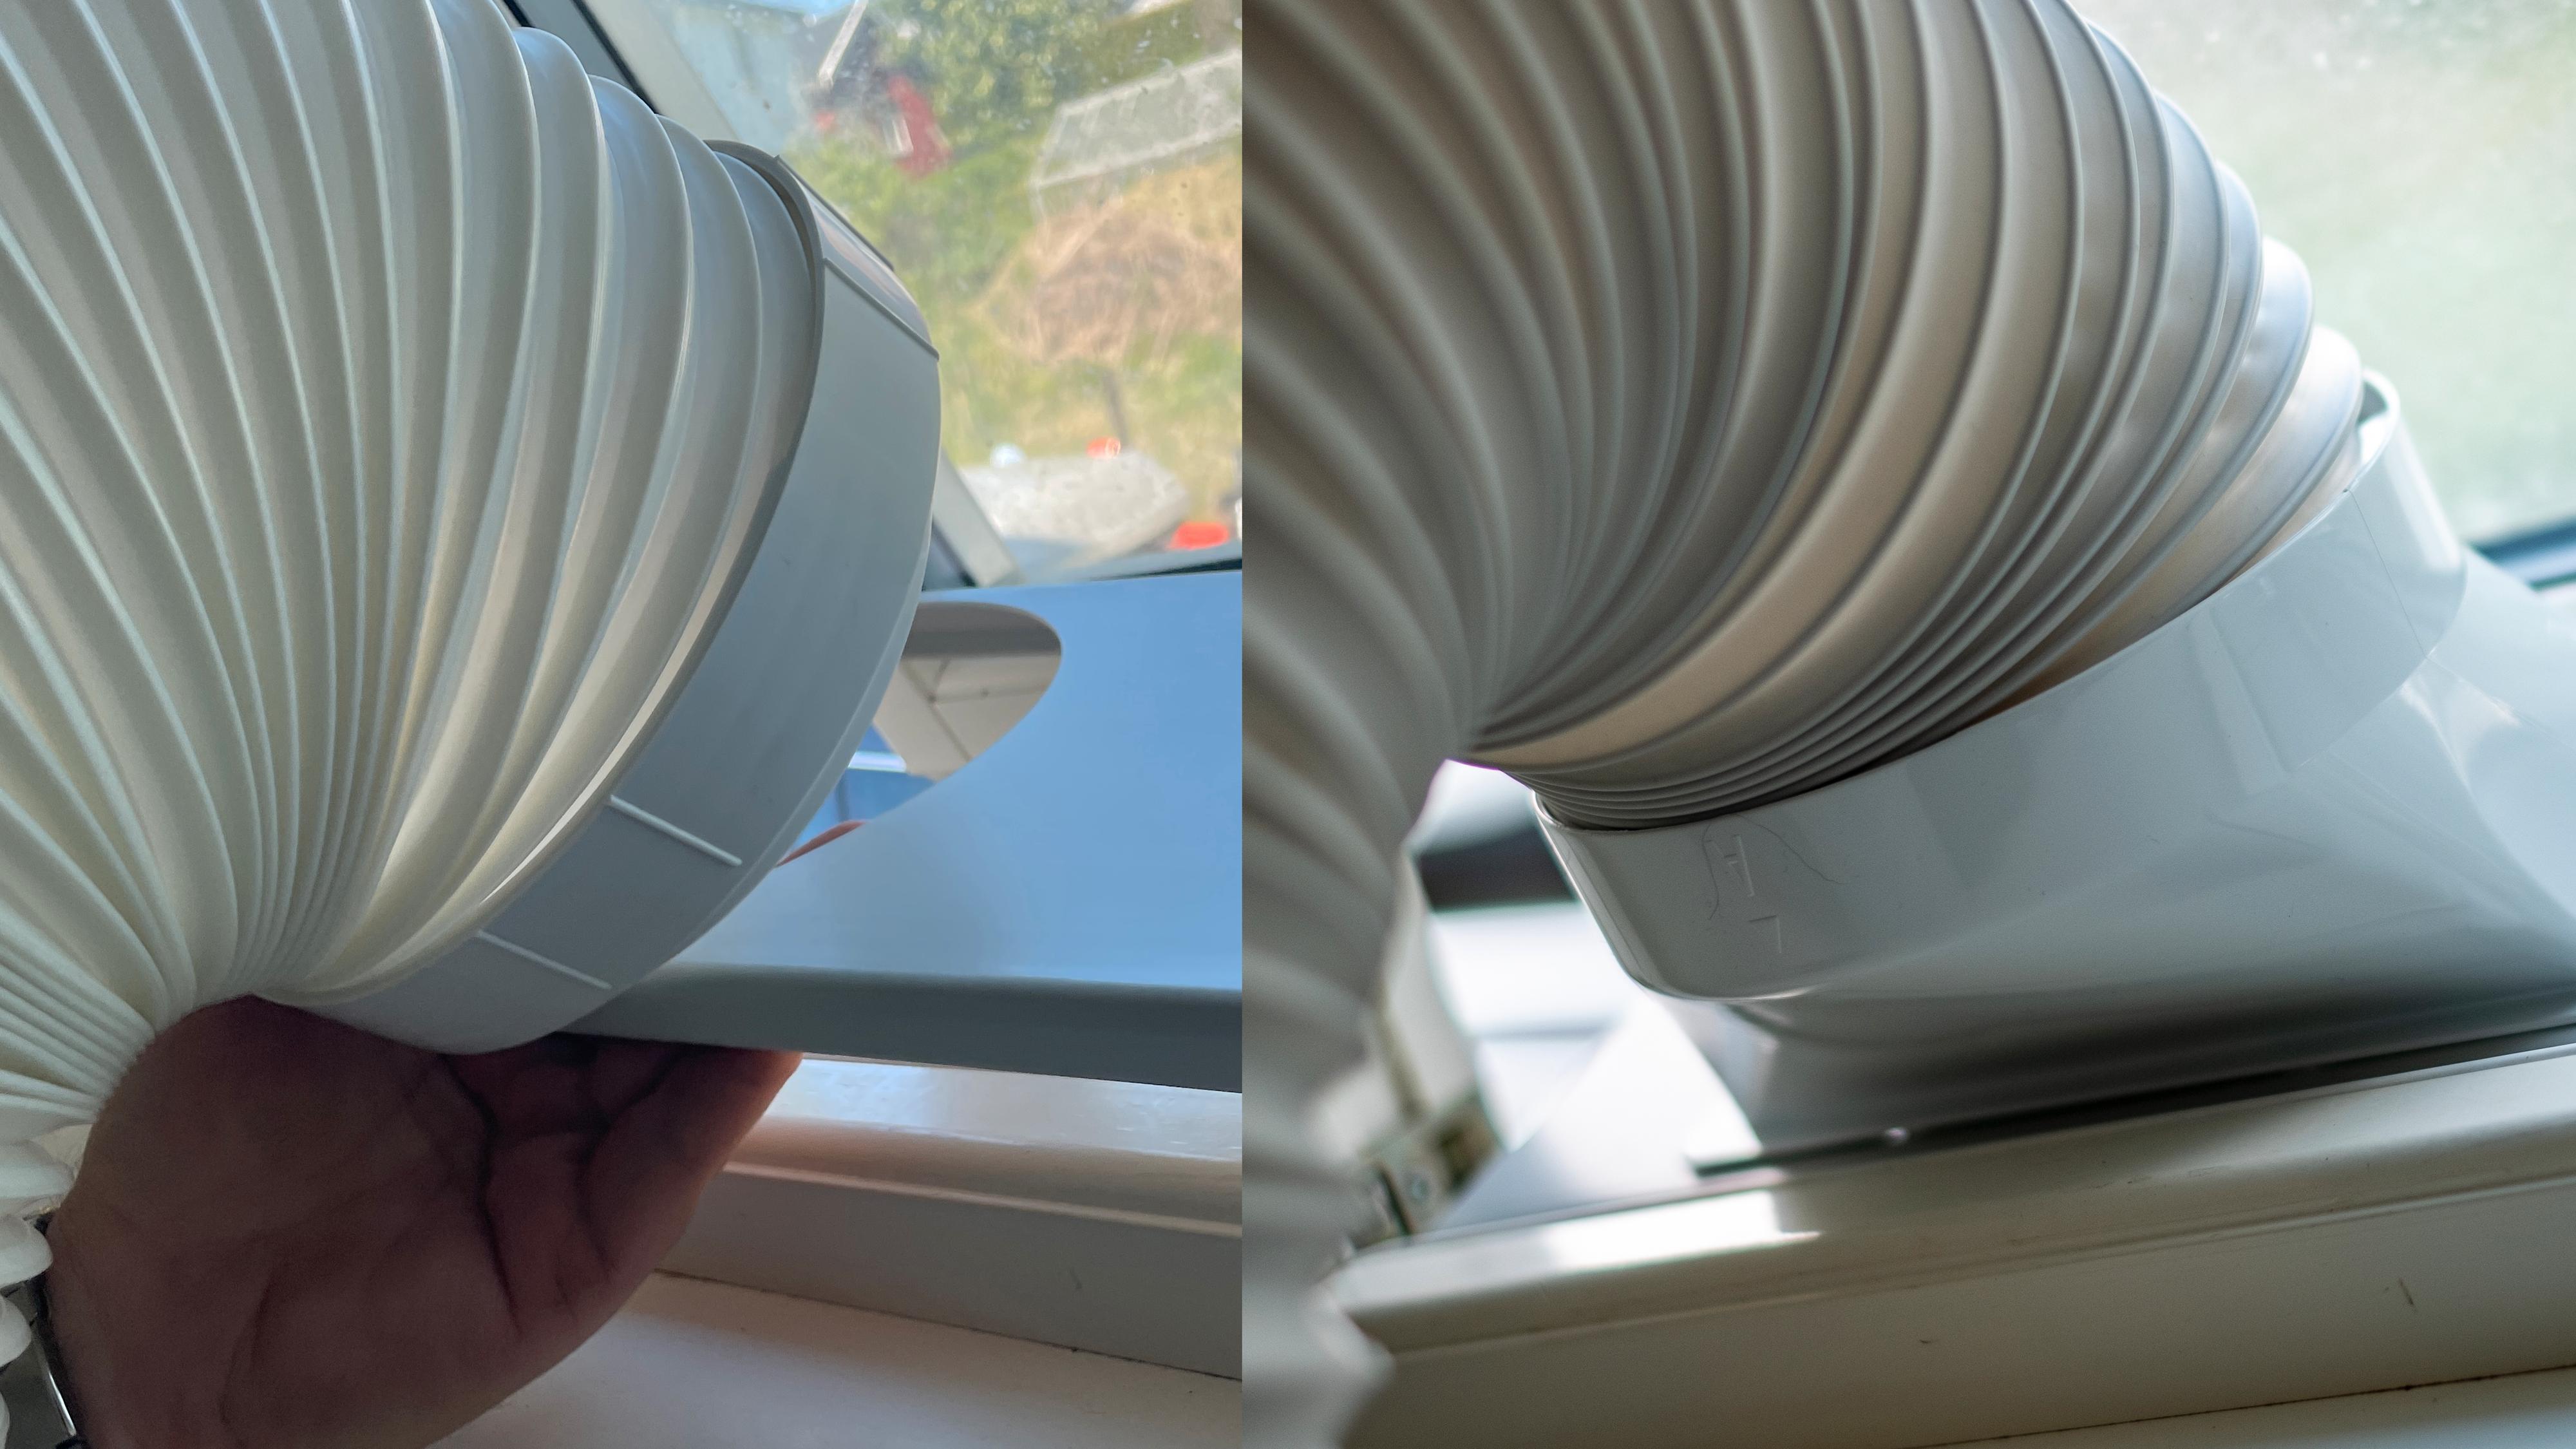 Det finnes en rekke ulike kvaliteter på vindusmonteringssettene. Du trenger egentlig bare å kunne åpne vinduet for å kunne bruke en flyttbar aircondition.